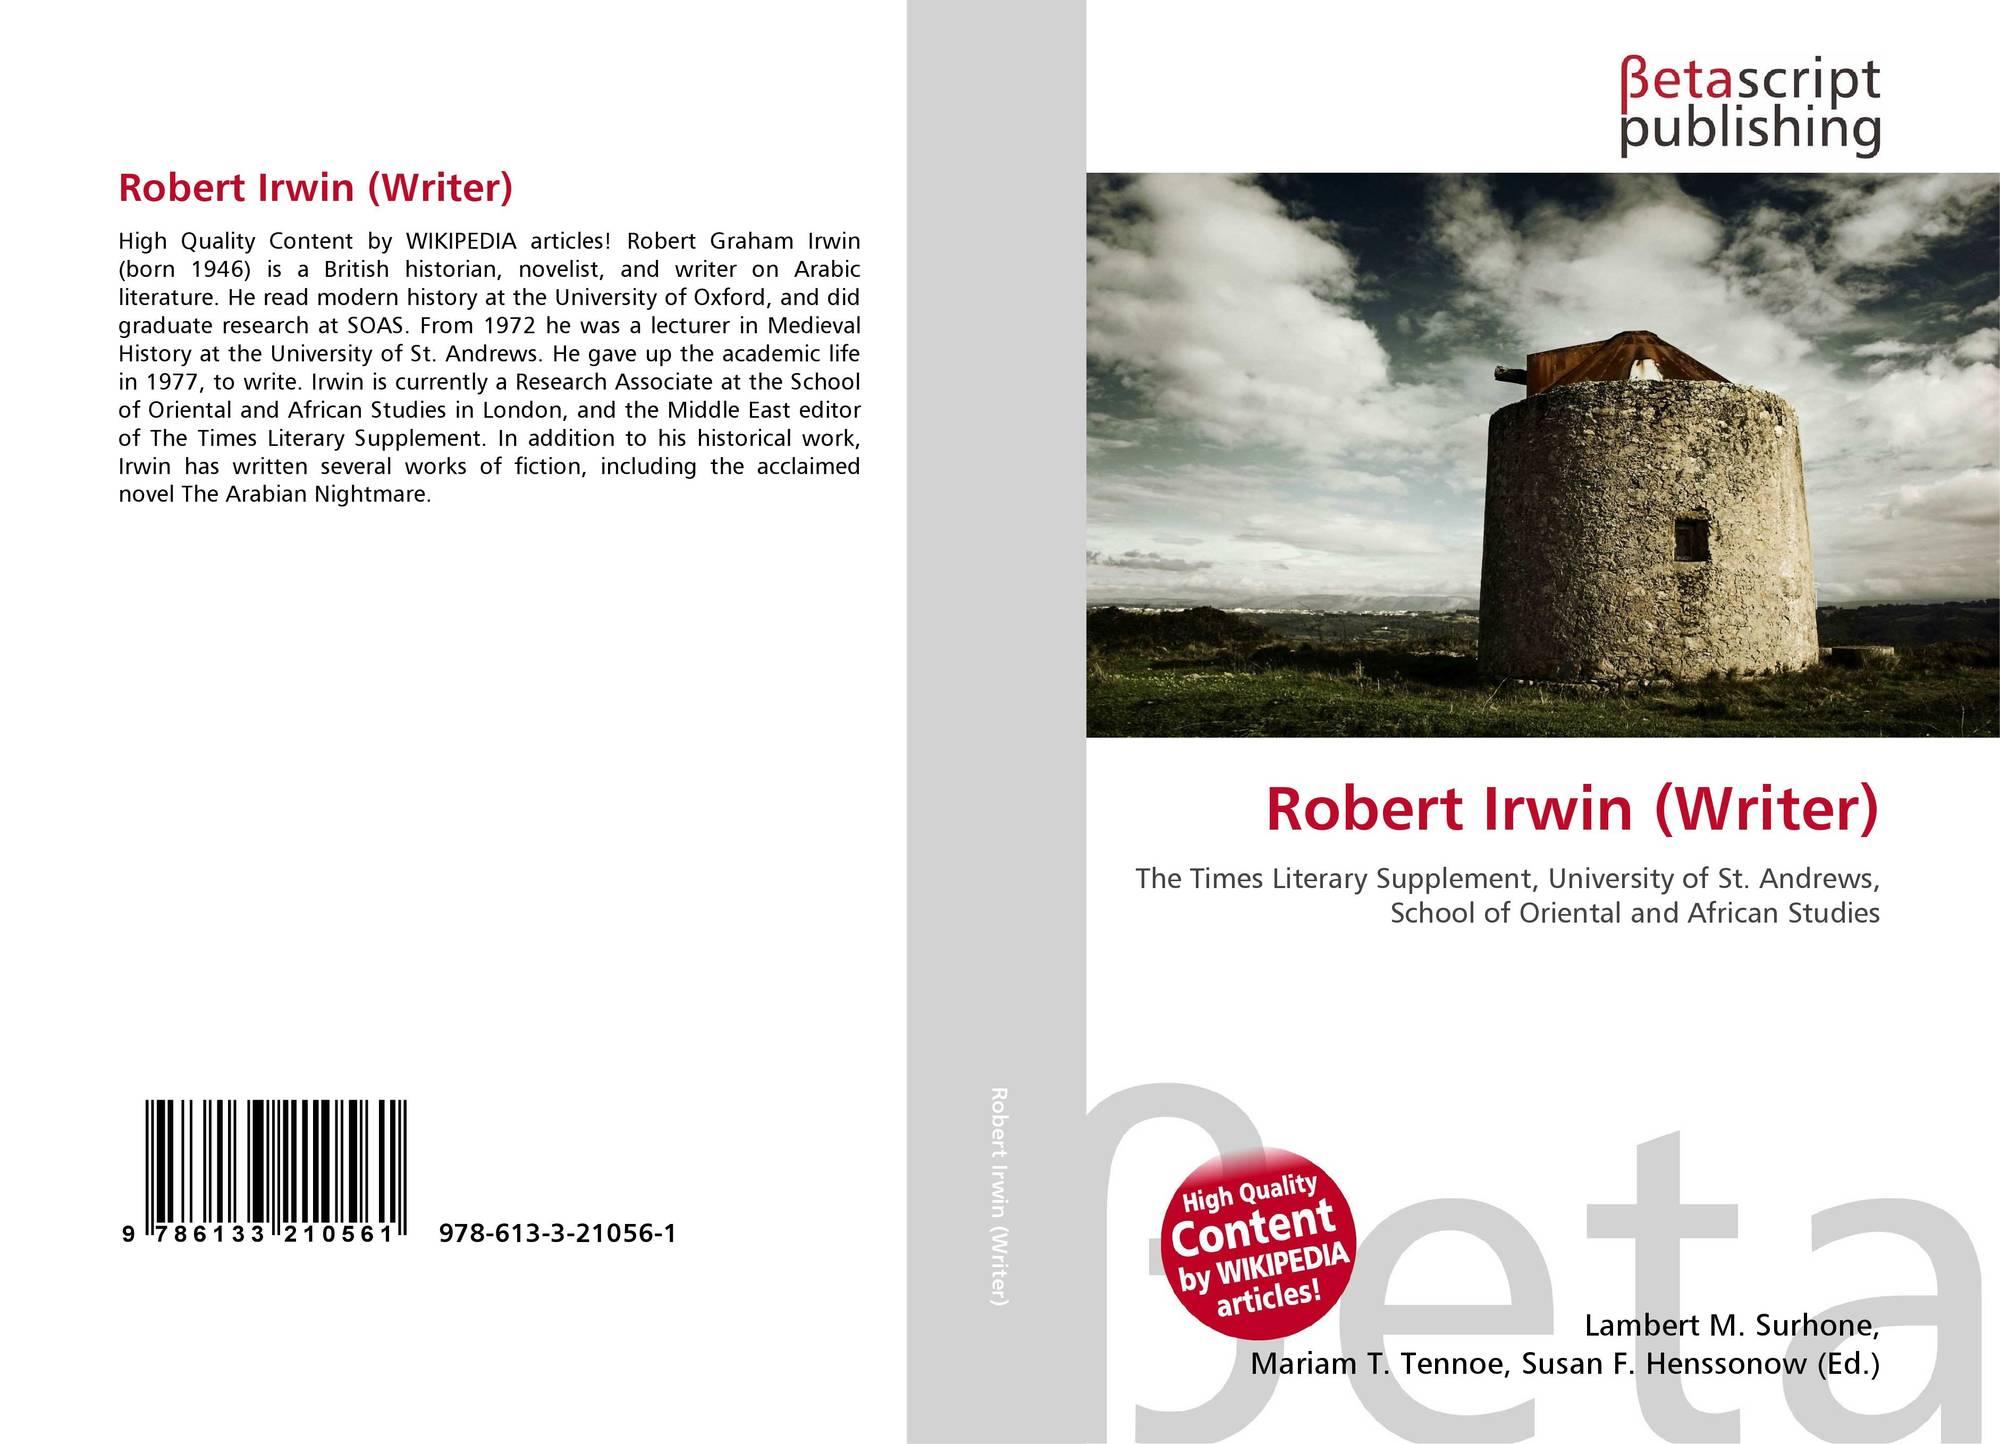 Robert Irwin (Writer), 978-613-3-21056-1, 6133210567